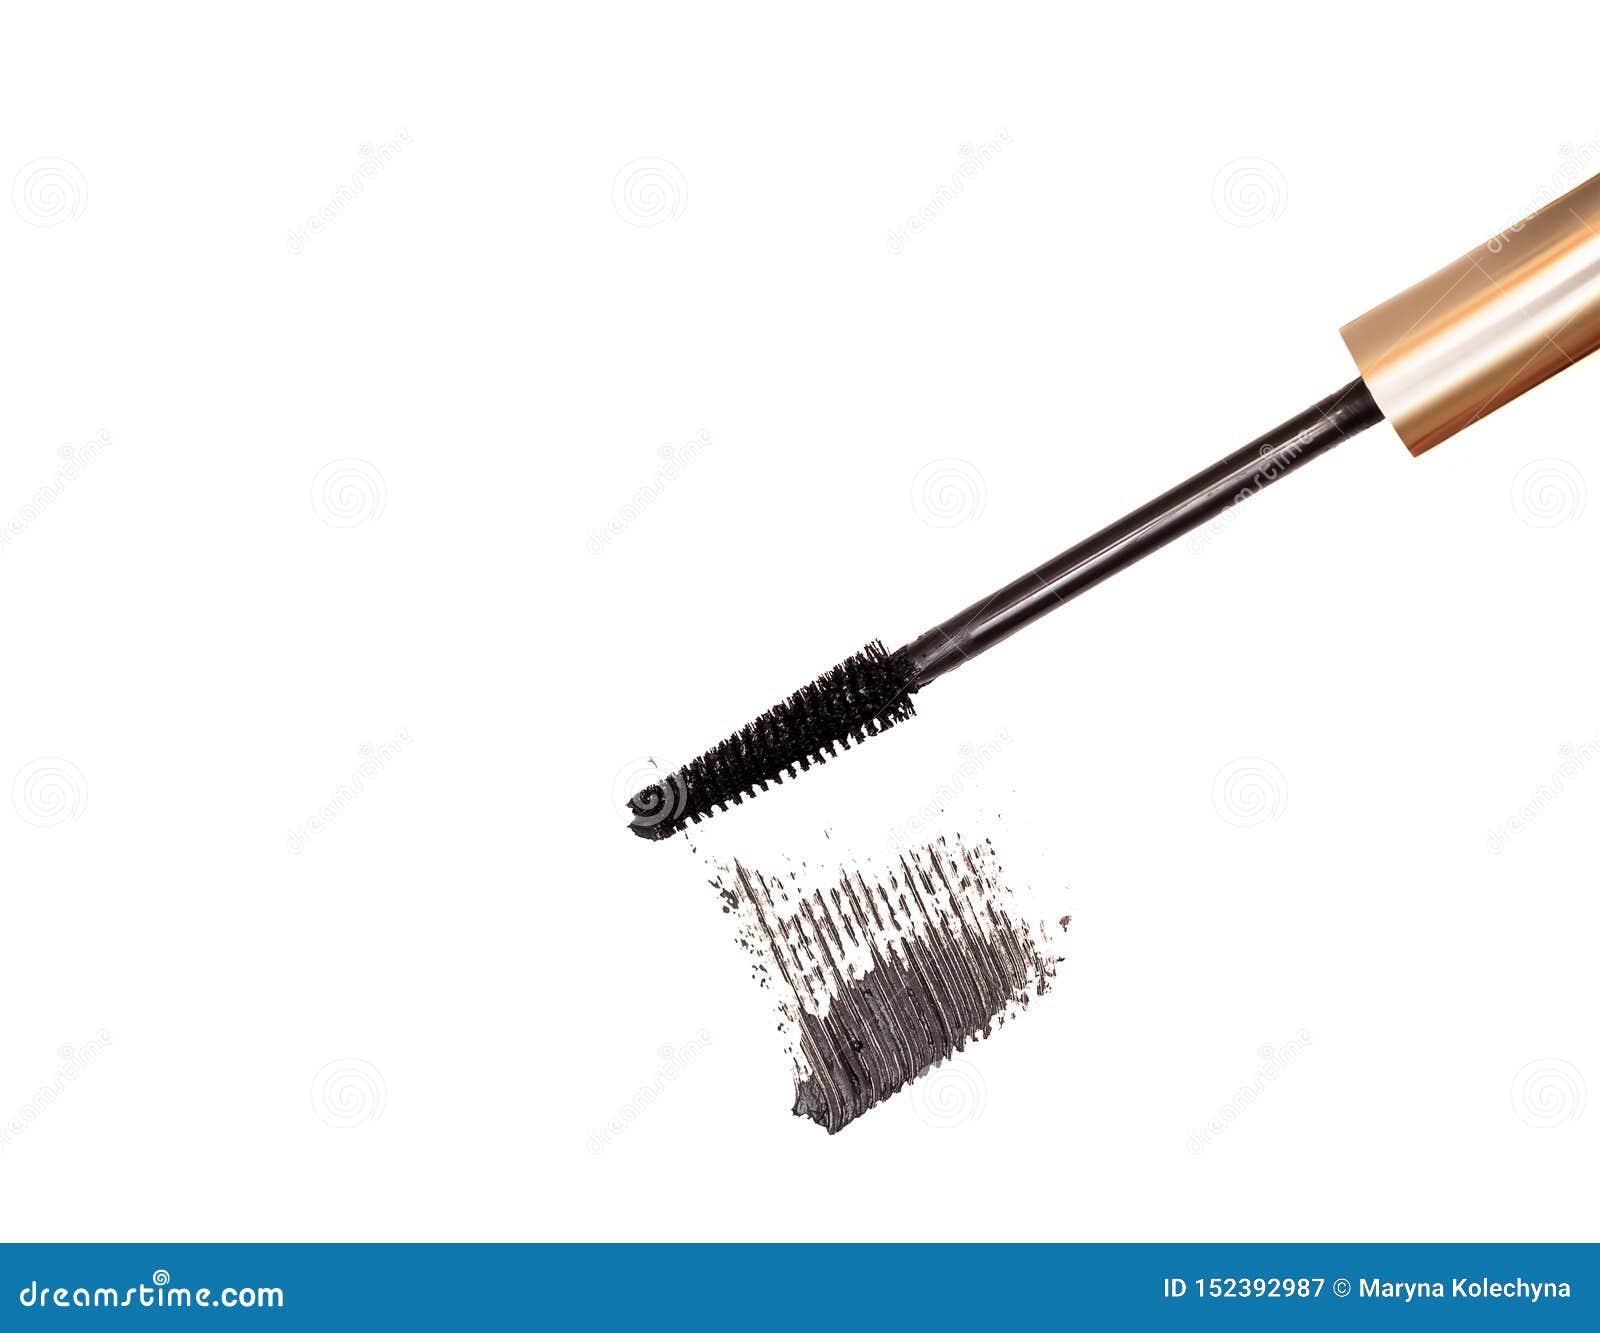 Black mascara brush stroke with applicator brush isolated on white background